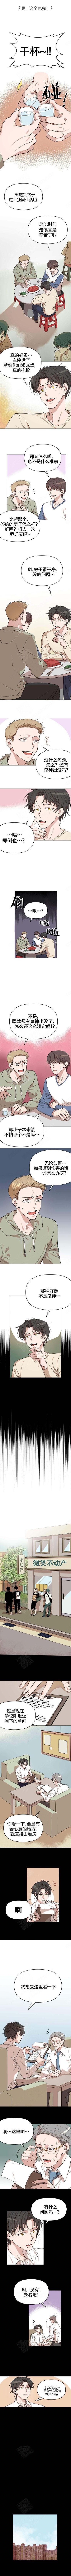 耽美漫画推荐——《喂,这个色鬼!》,纯情学生x阳光奶鬼